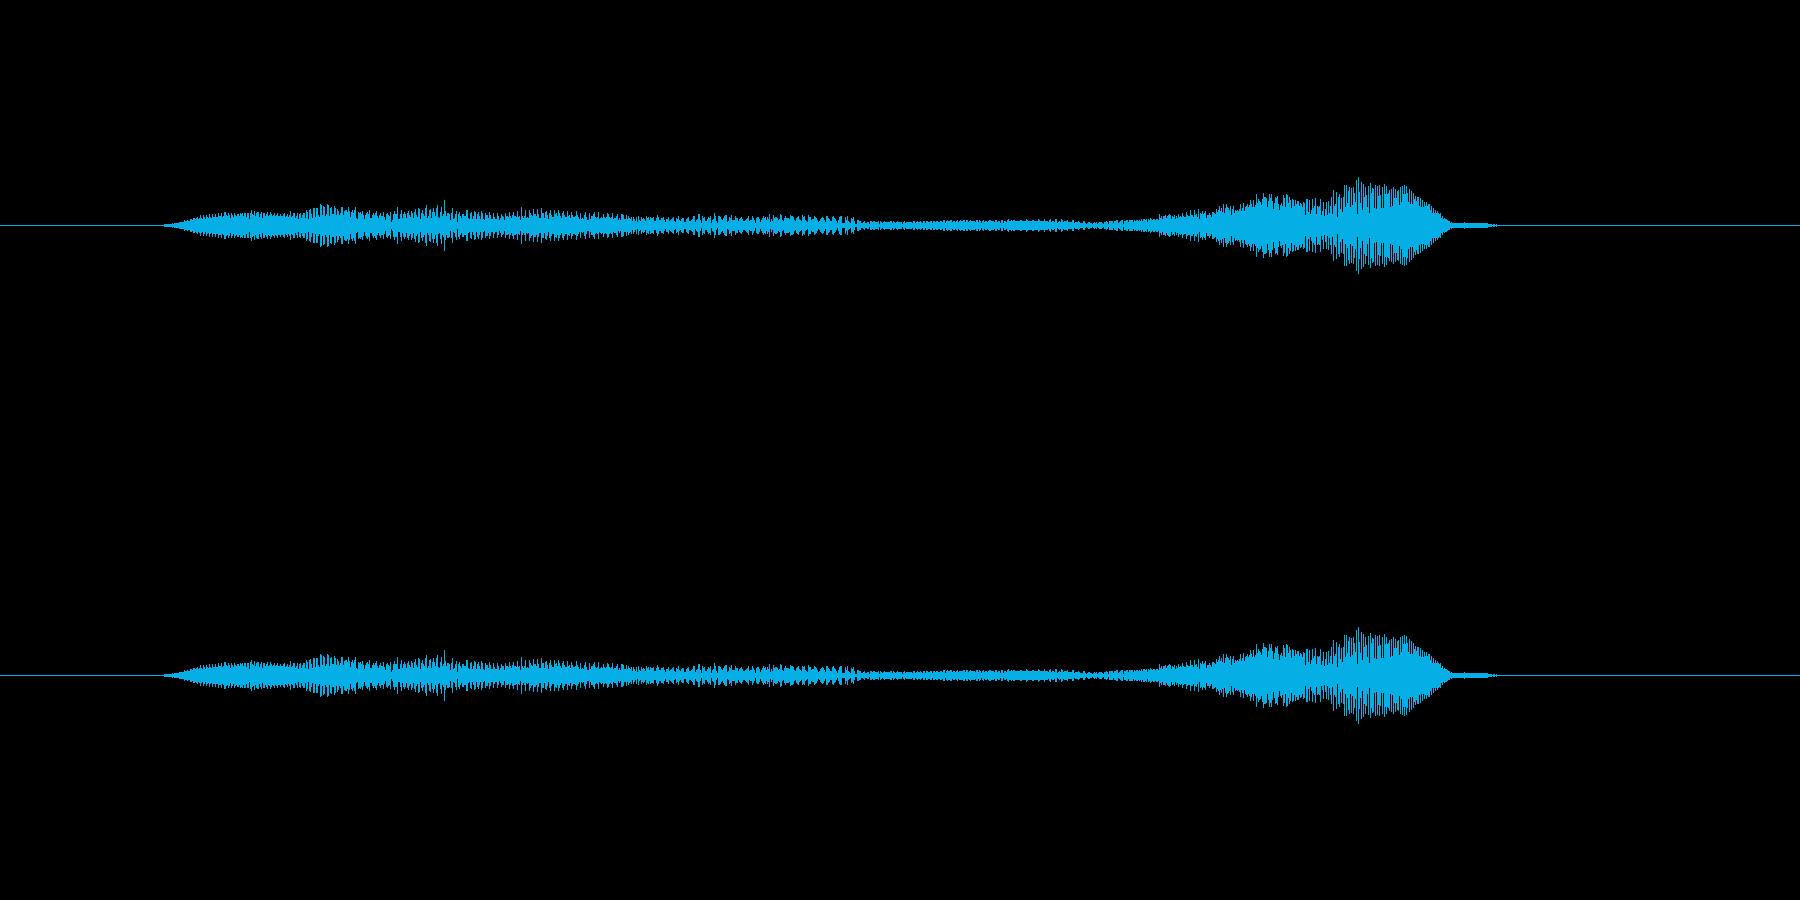 ニャー_猫声-33の再生済みの波形